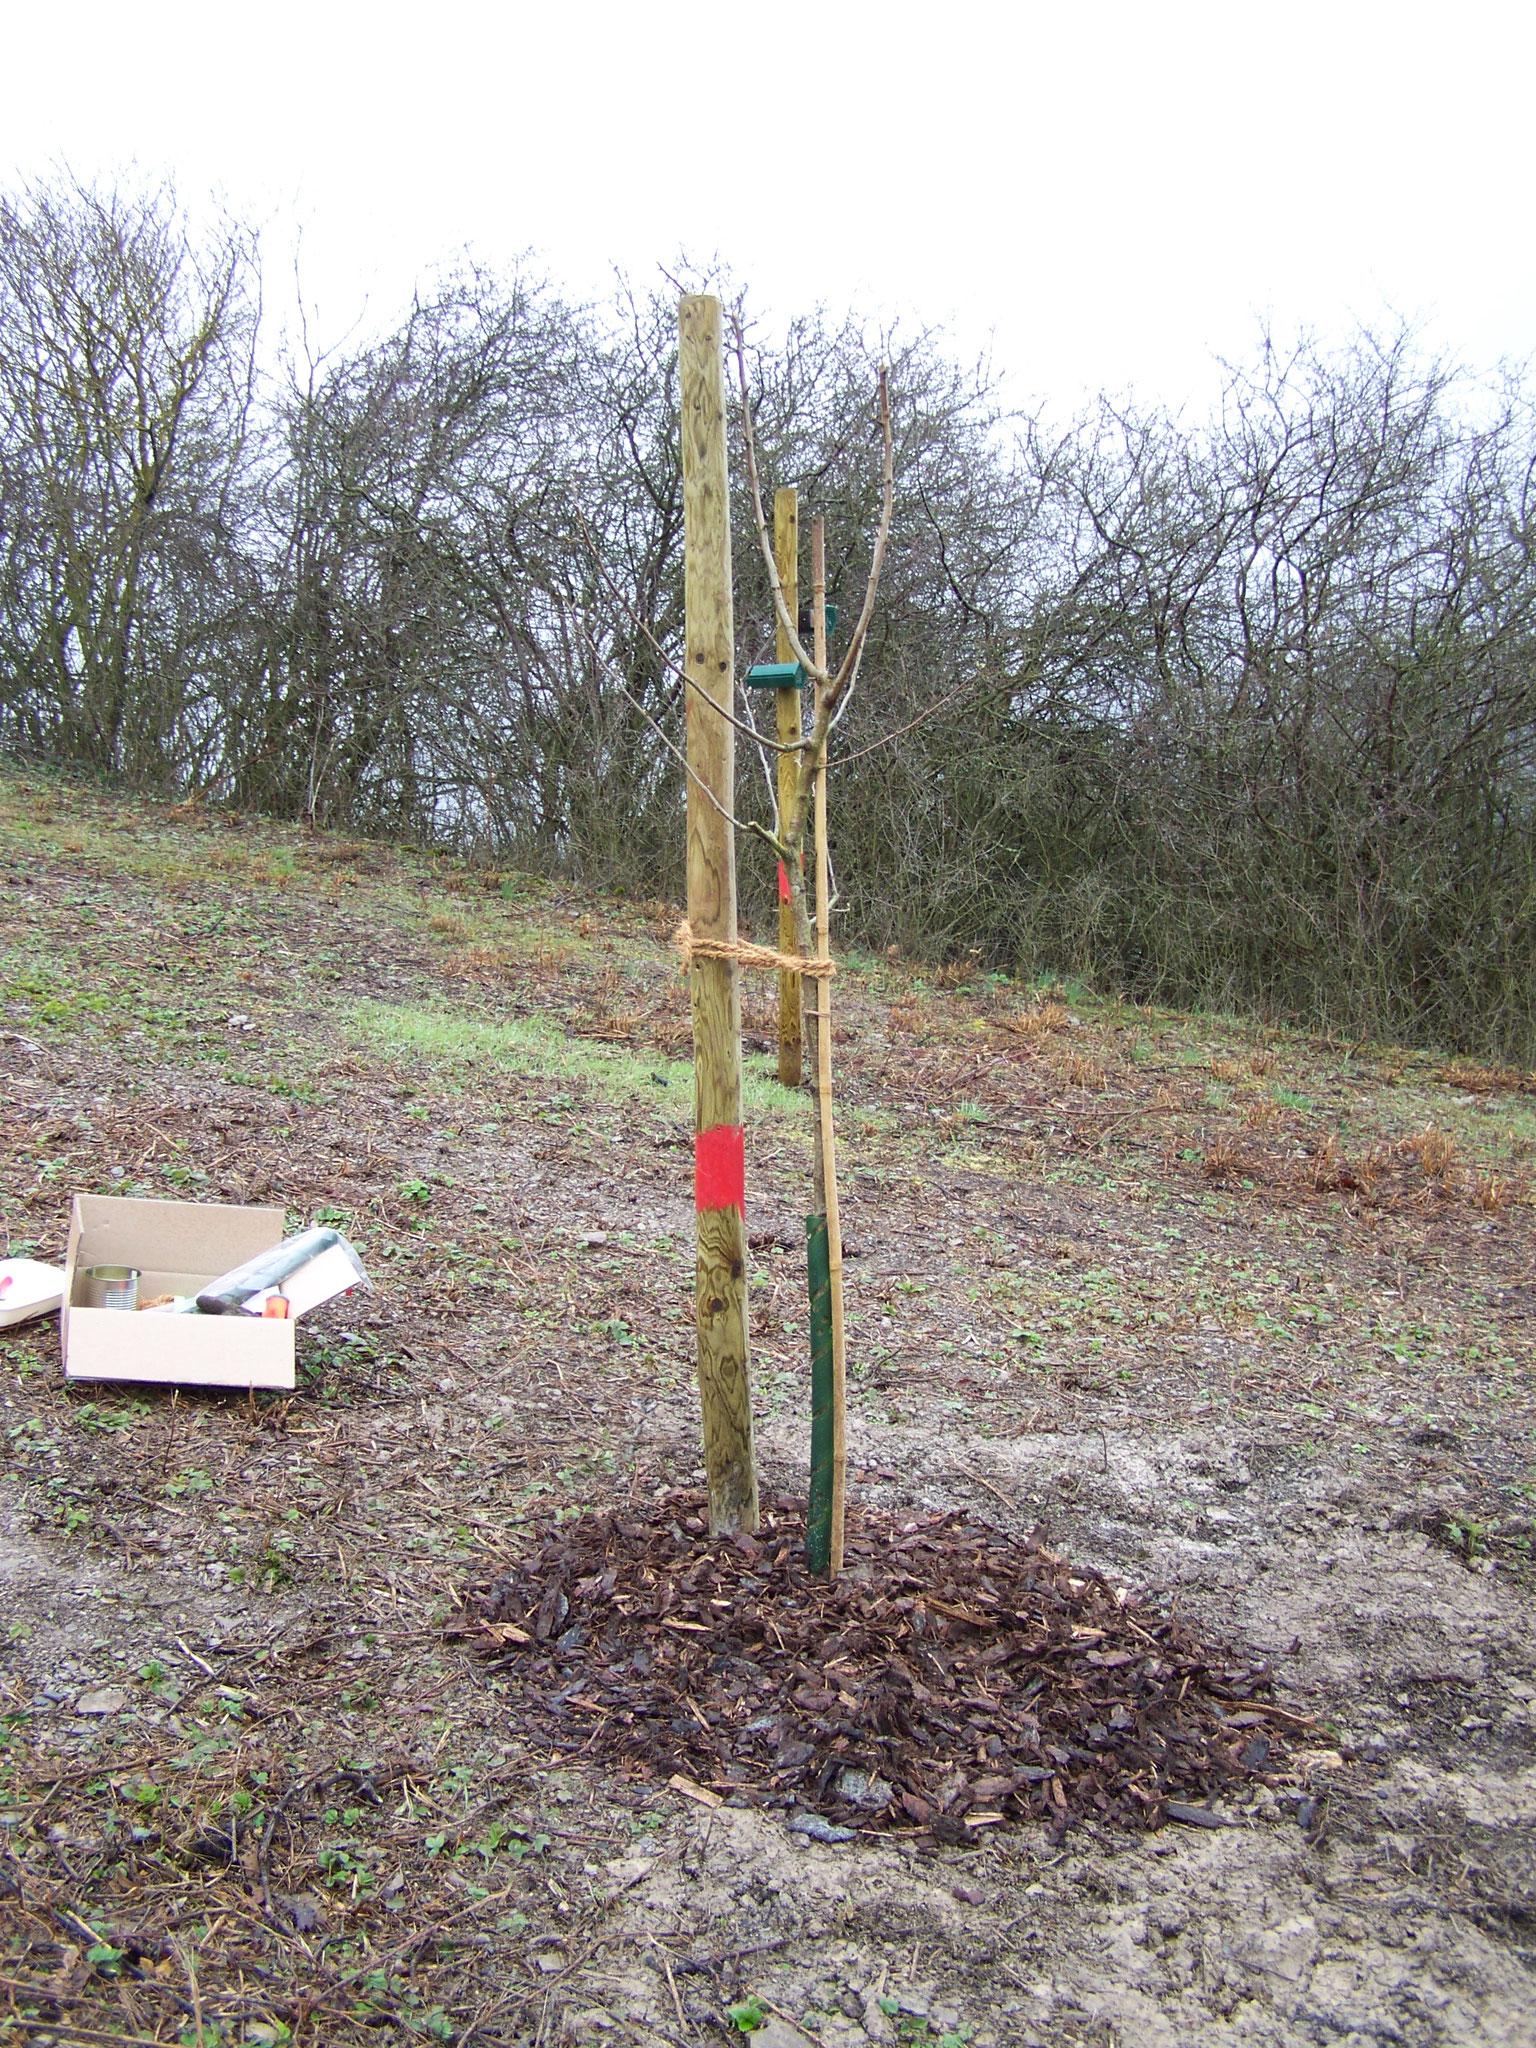 Weinbergspfirsichbaum, Quittenbaum, Maulbeerbaum und Mispel werden im Projekt gepflanzt